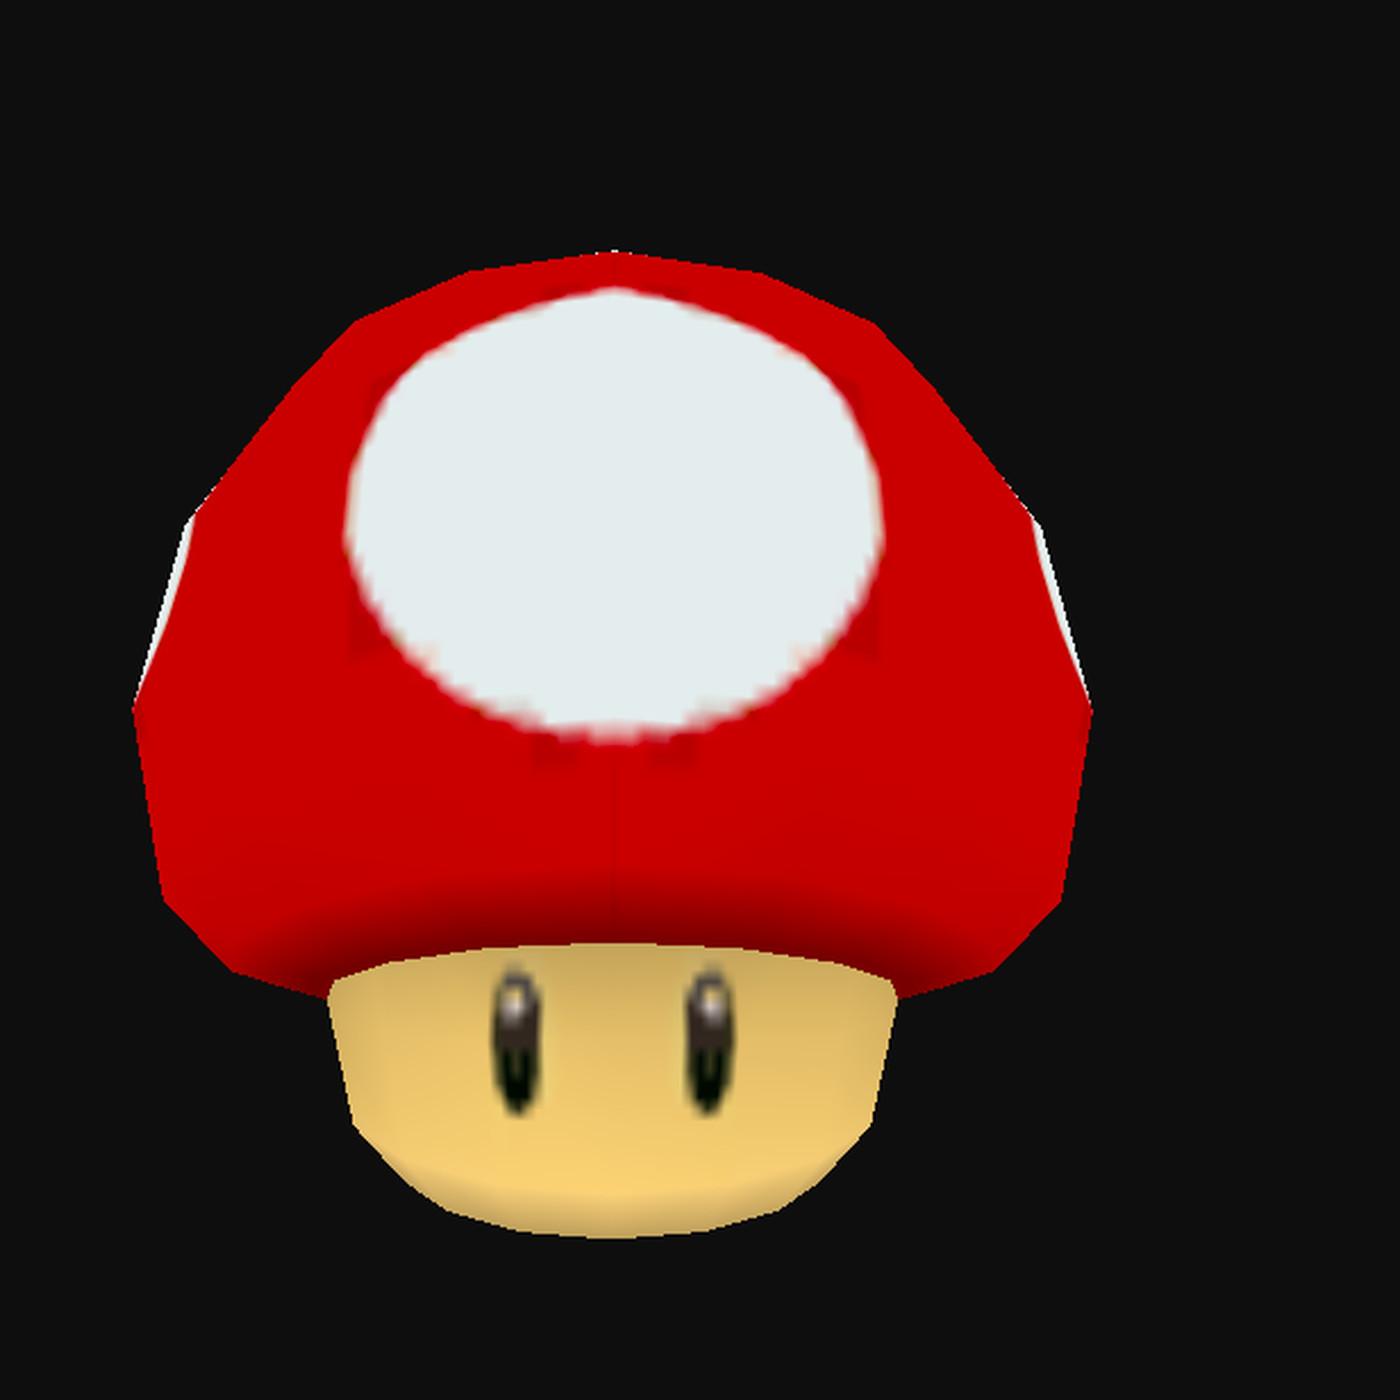 mario mushroom name in real life